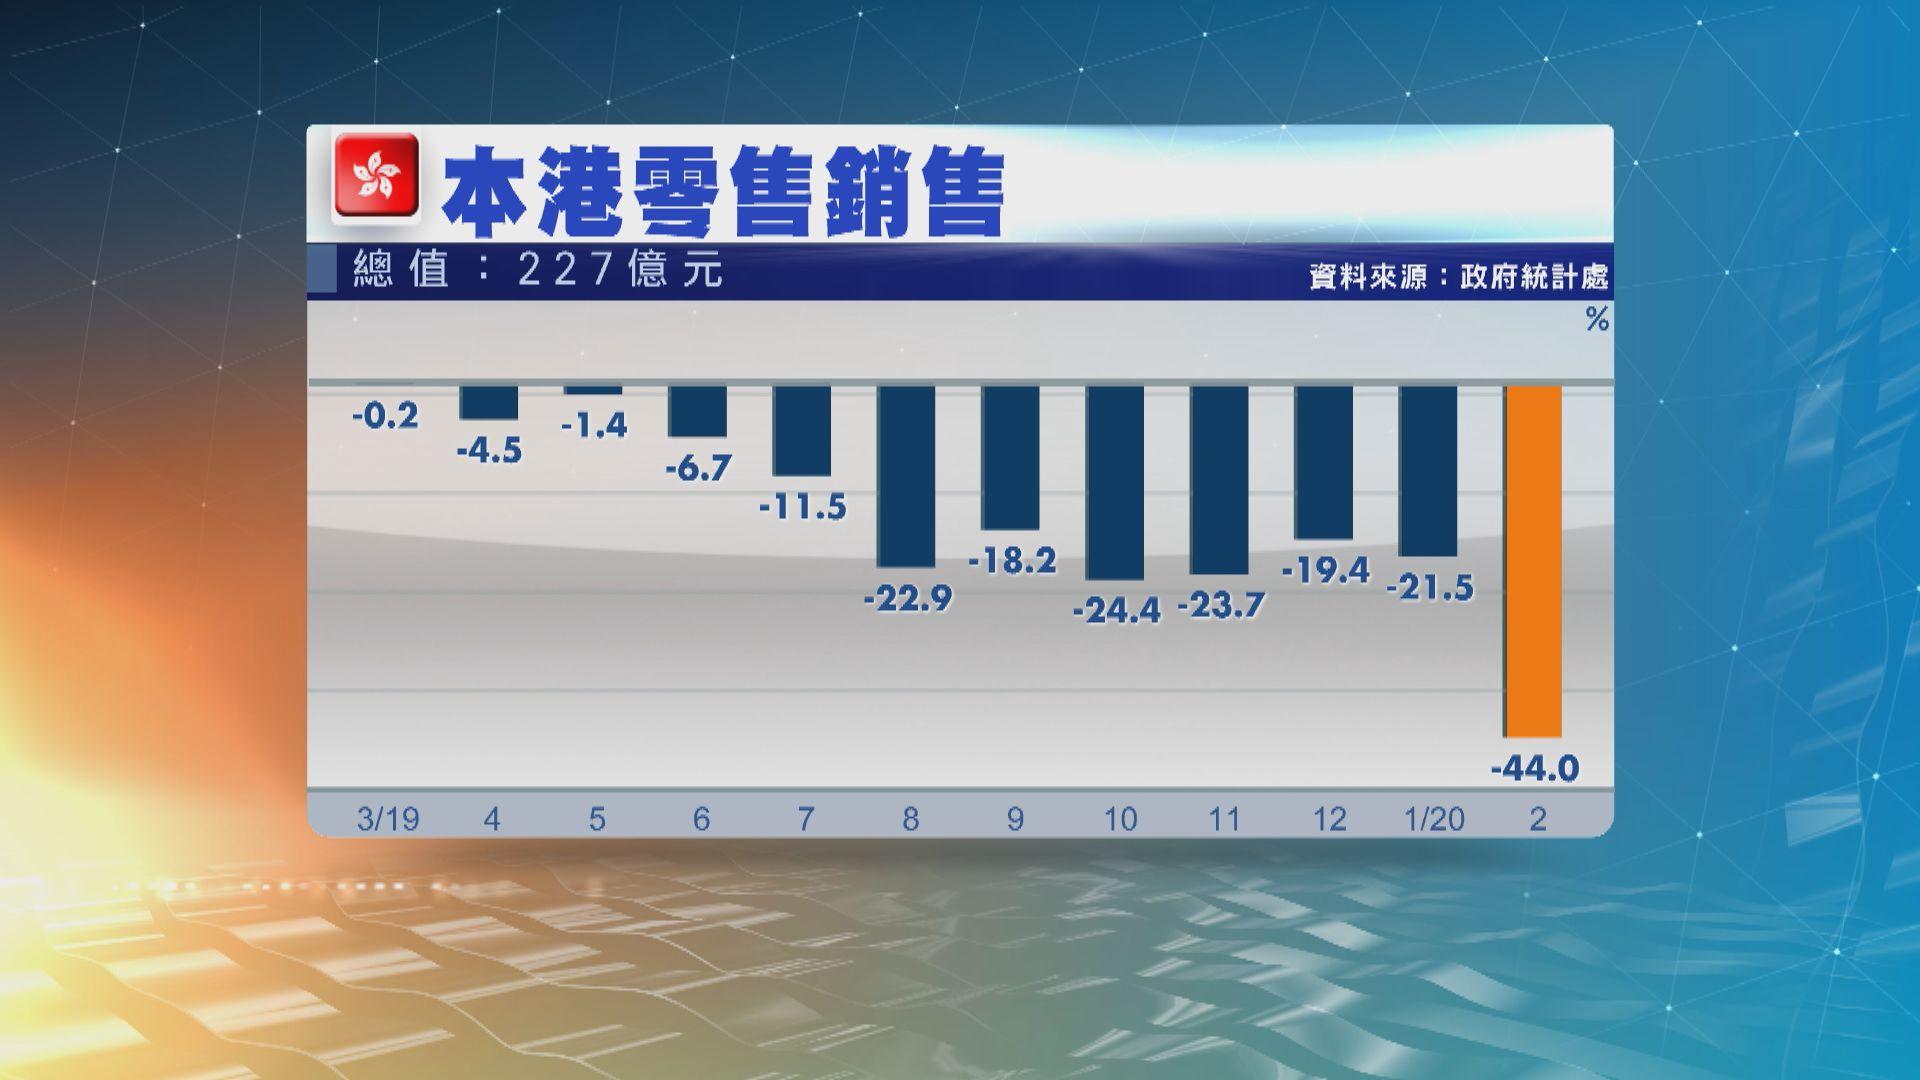 【零售寒冬】港二月零售銷售 創歷來最大單月跌幅